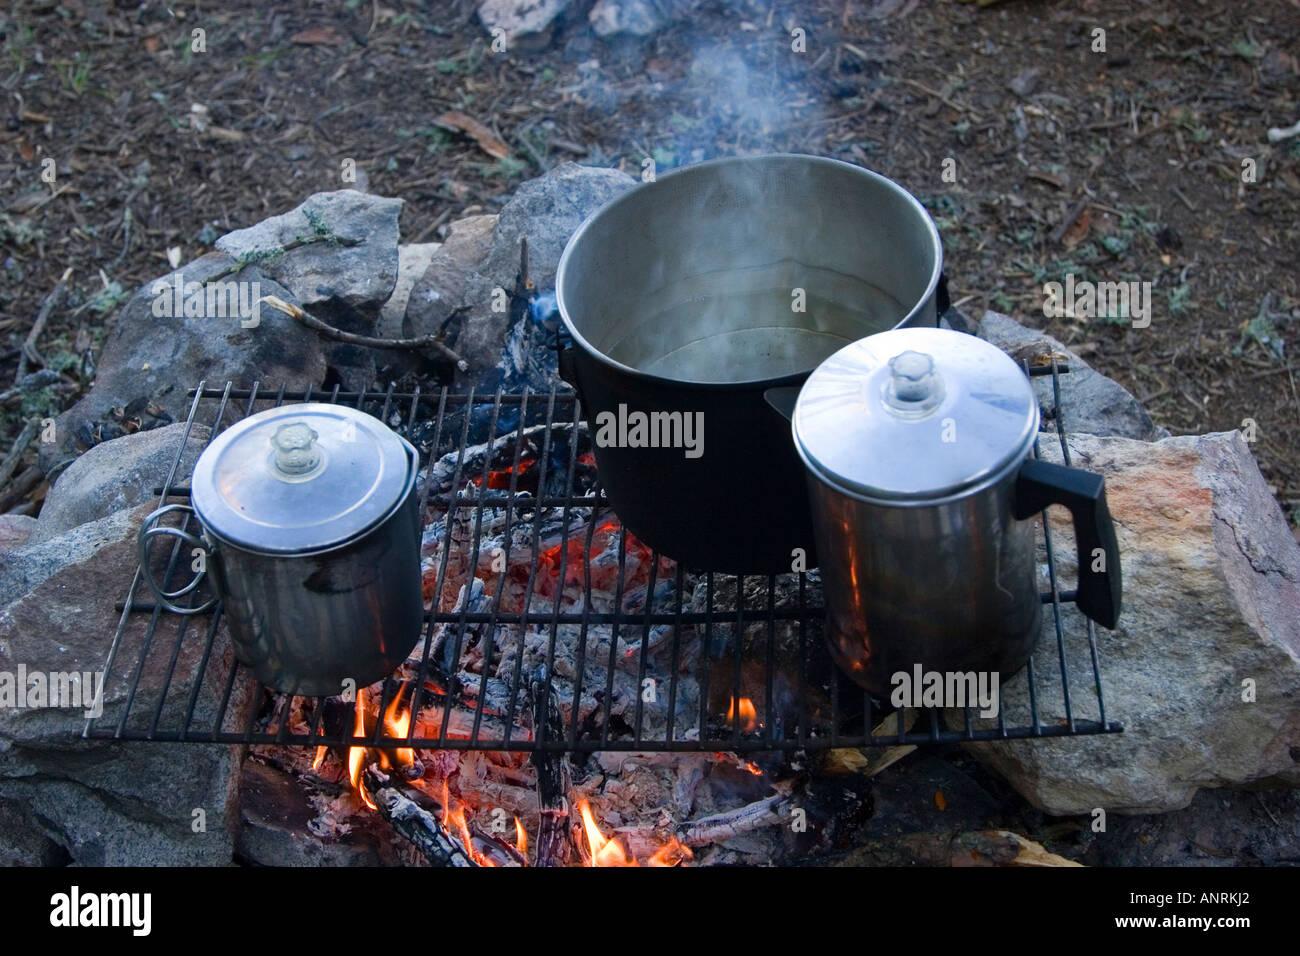 El Parque Provincial Quetico Ontario ollas en el fuego para cocinar durante una canoa camping Imagen De Stock